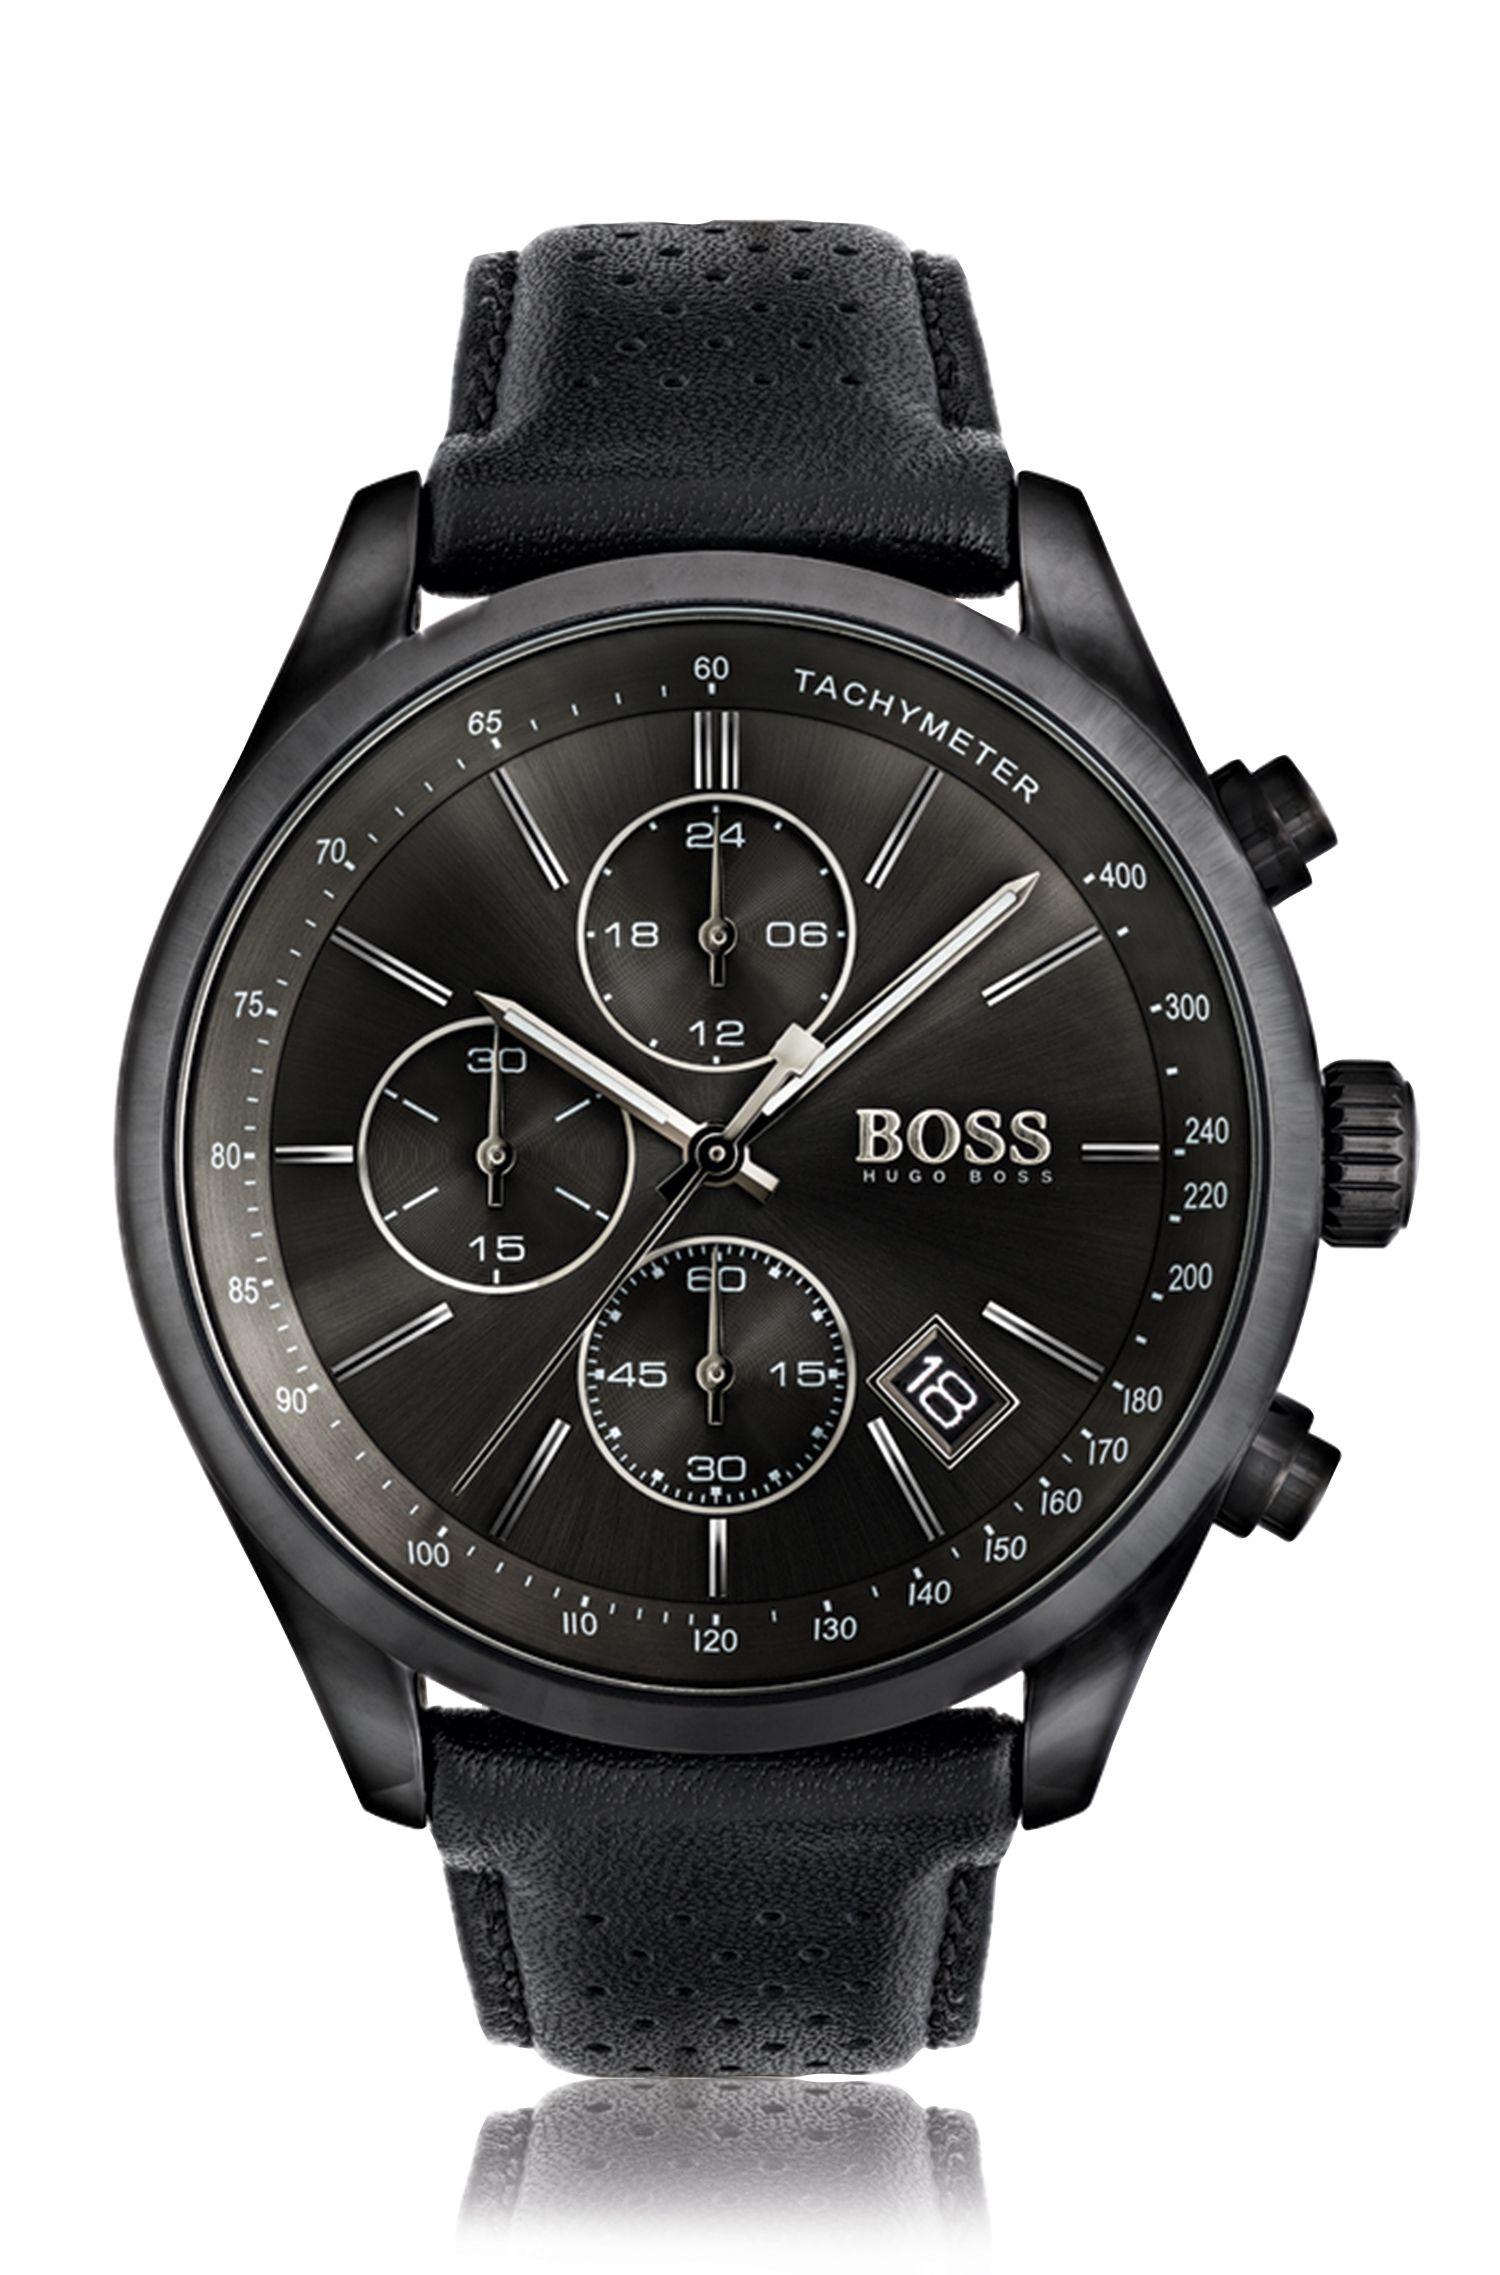 Montre sport en acier inoxydable noirci à cadran noir et bracelet en cuir perforé.